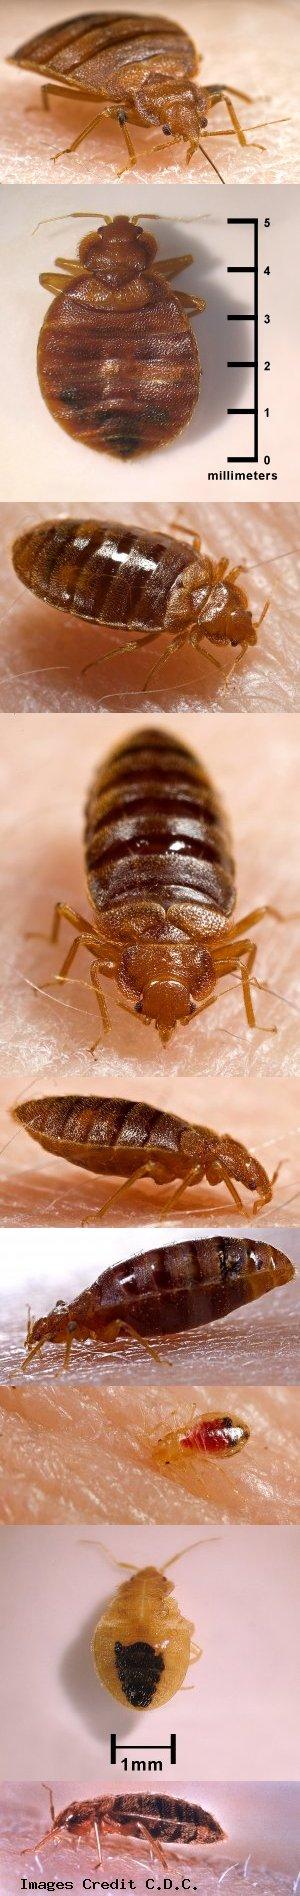 Bed Bugs Closeup